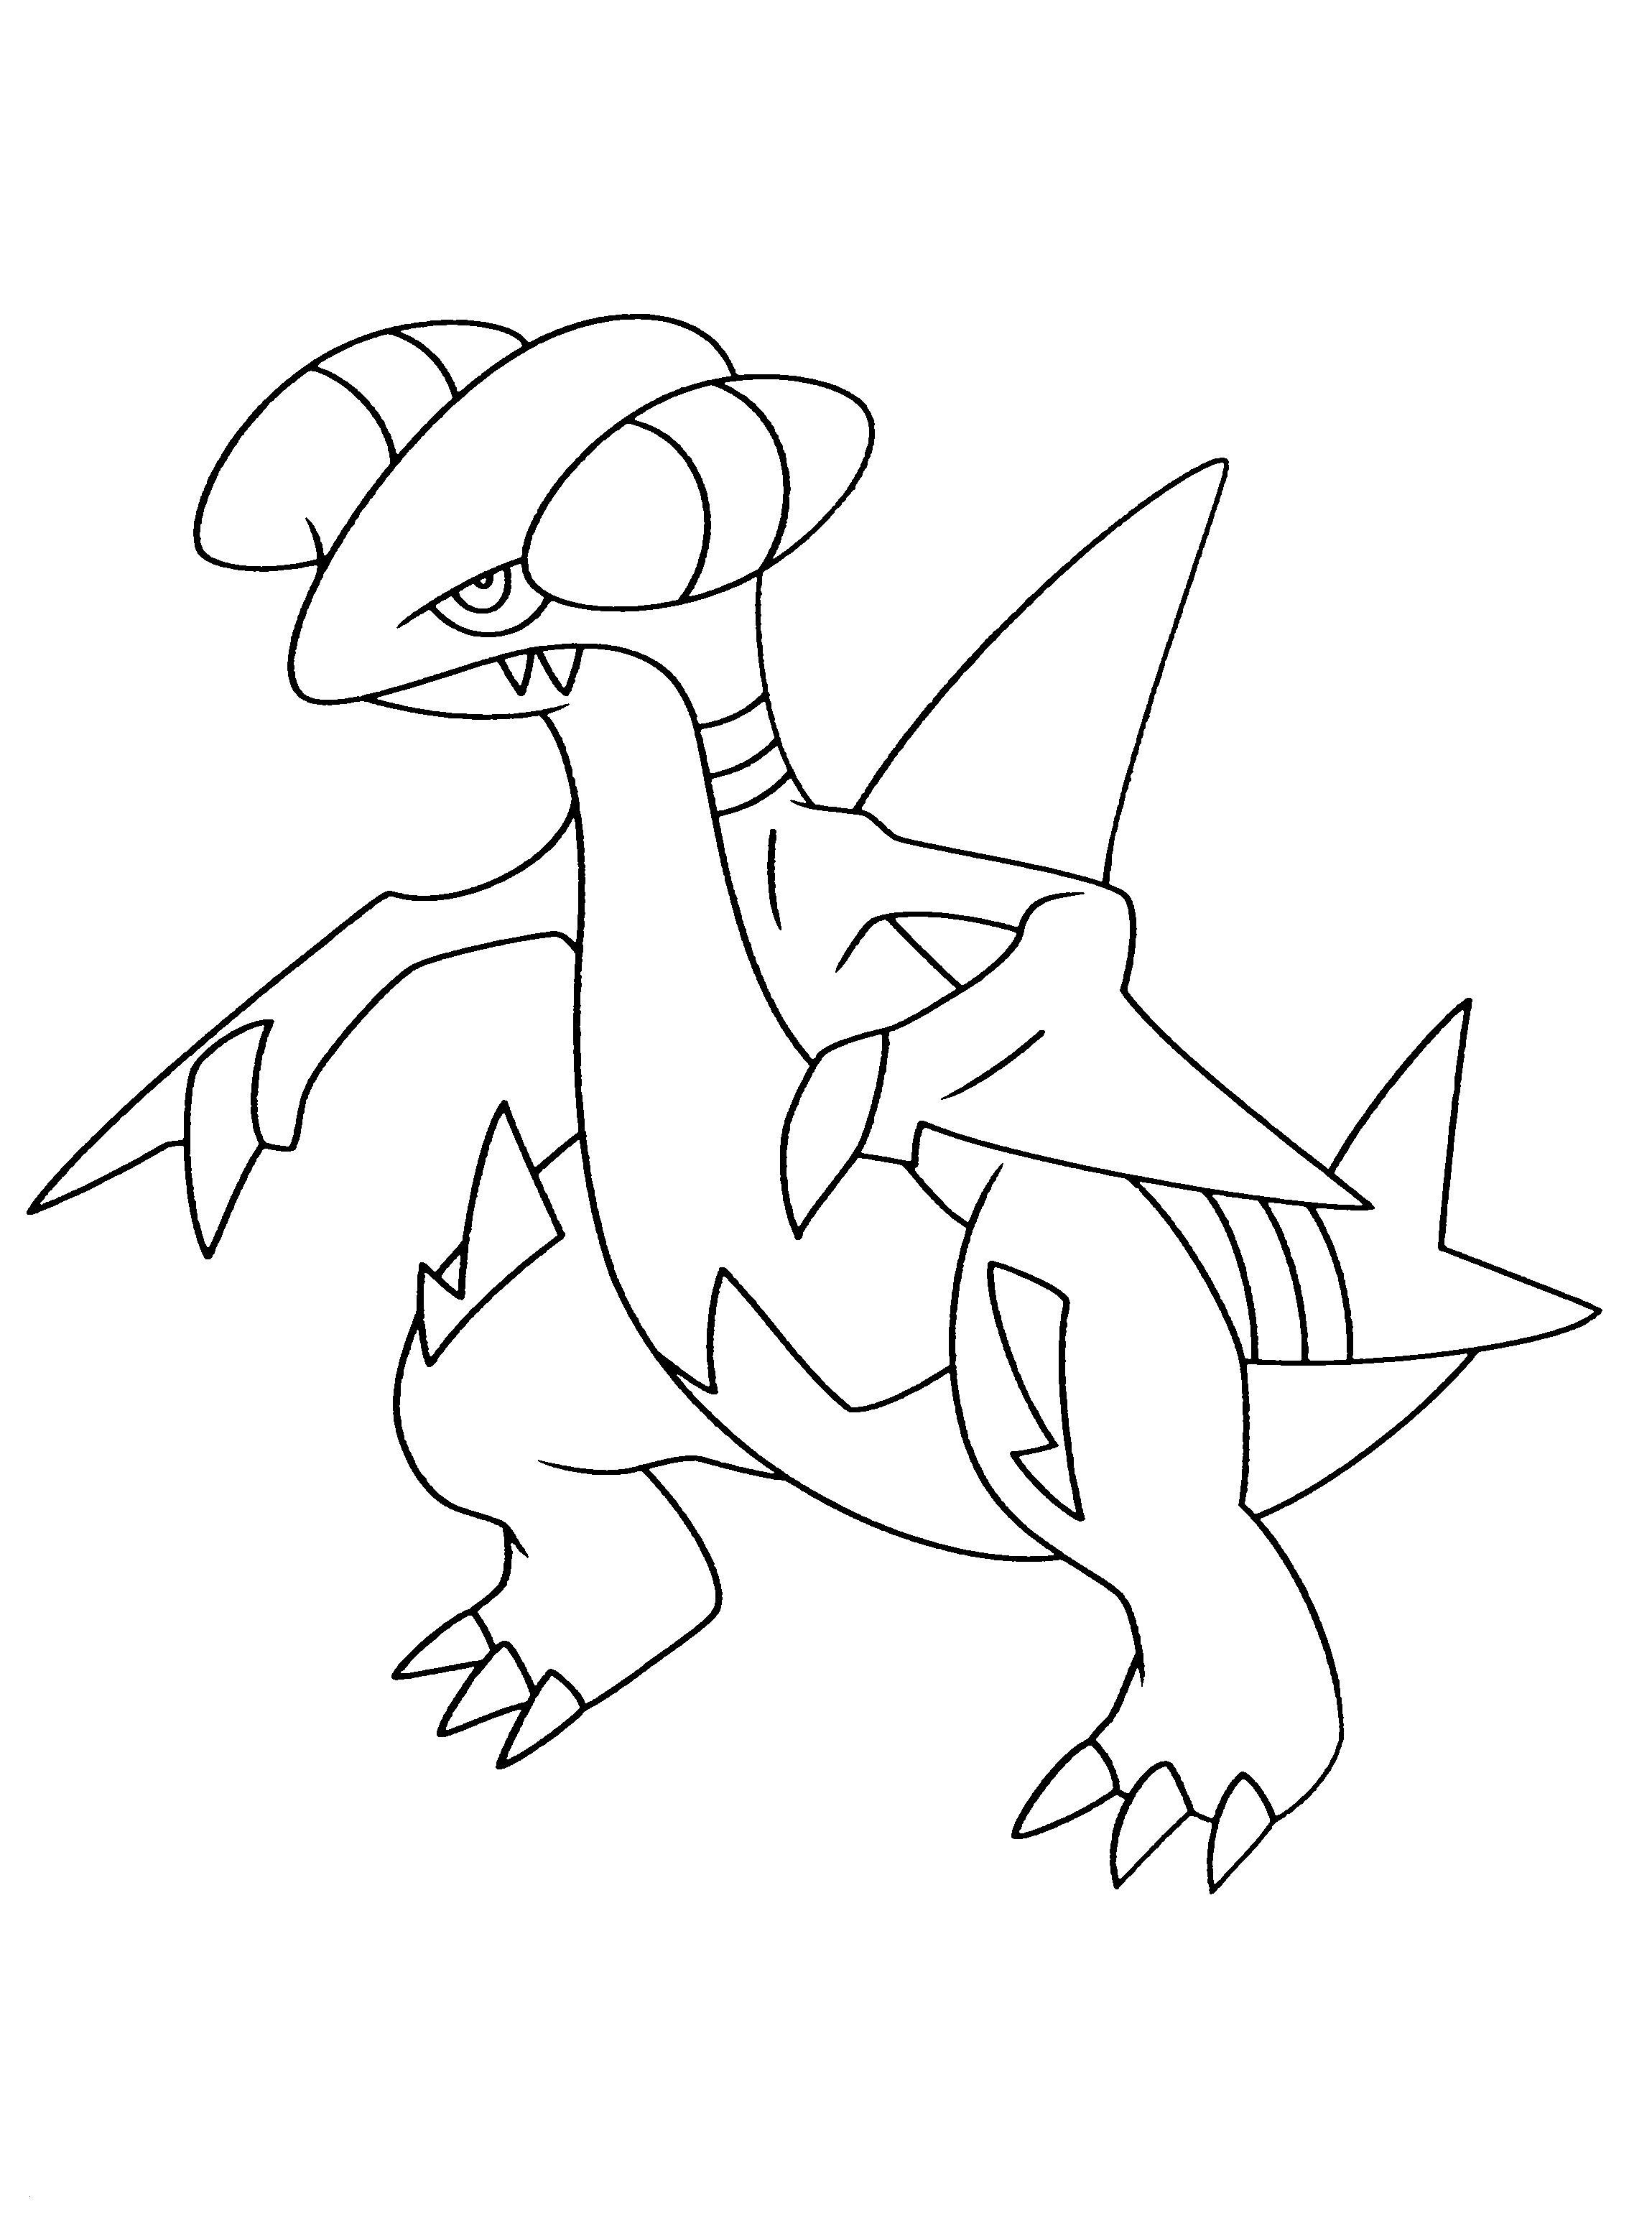 Pokemon Bilder Zum Ausdrucken In Farbe Genial Ausmalbilder Von Pokemon Awesome Malvorlagen Igel Best Igel Sammlung